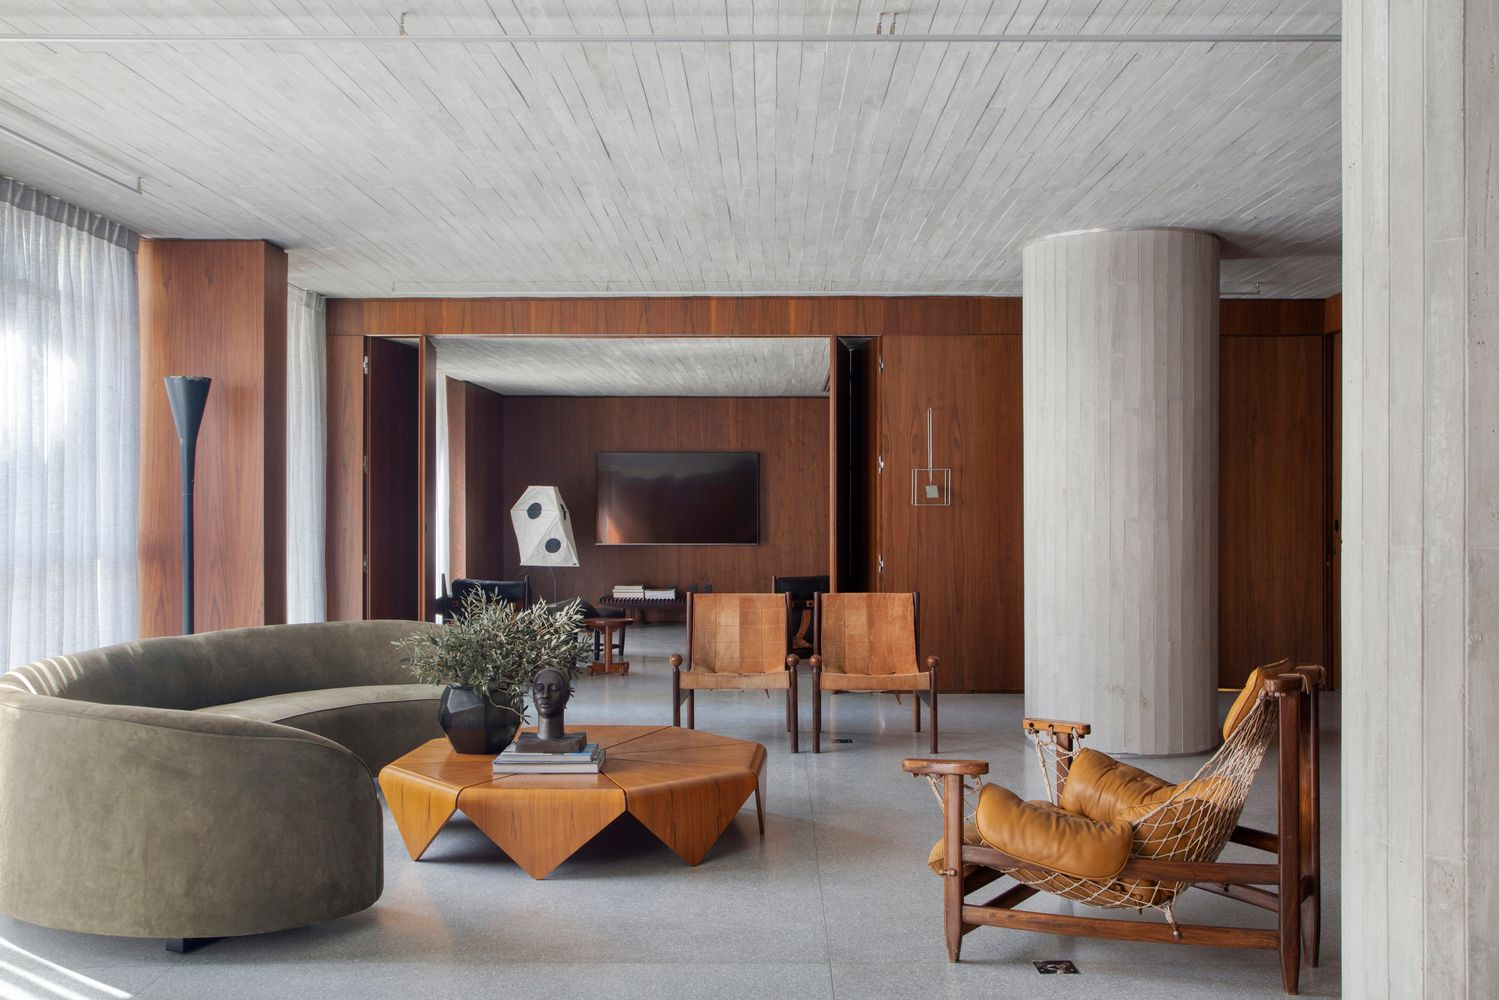 Apartamento DN coloca a arte como um dos pilares fundamentais do projeto